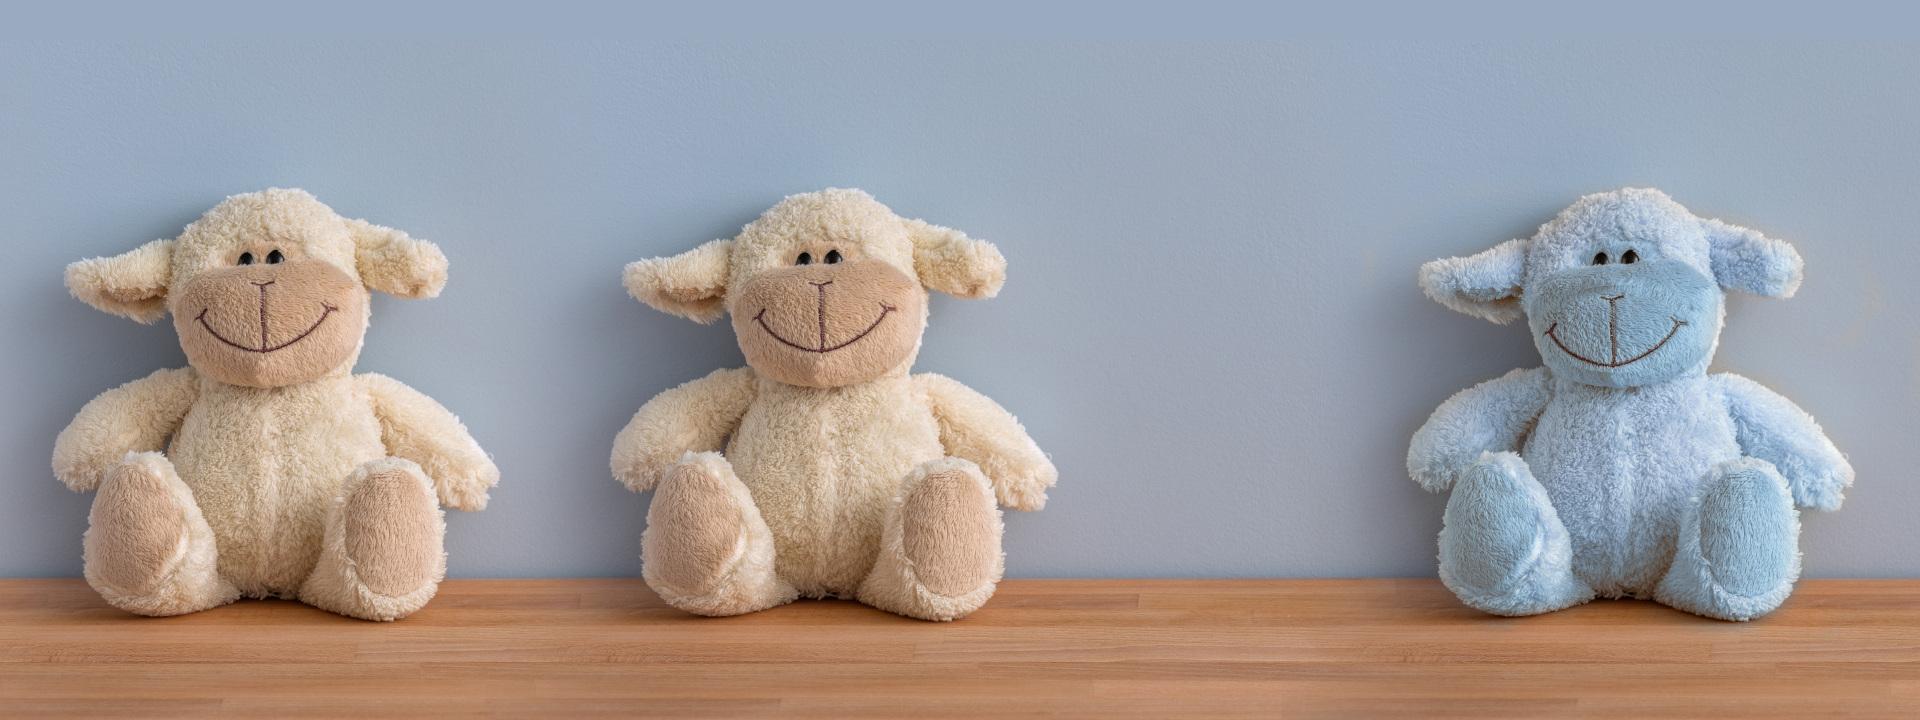 2+1 Teddys - zu Zweit und Alleinsein